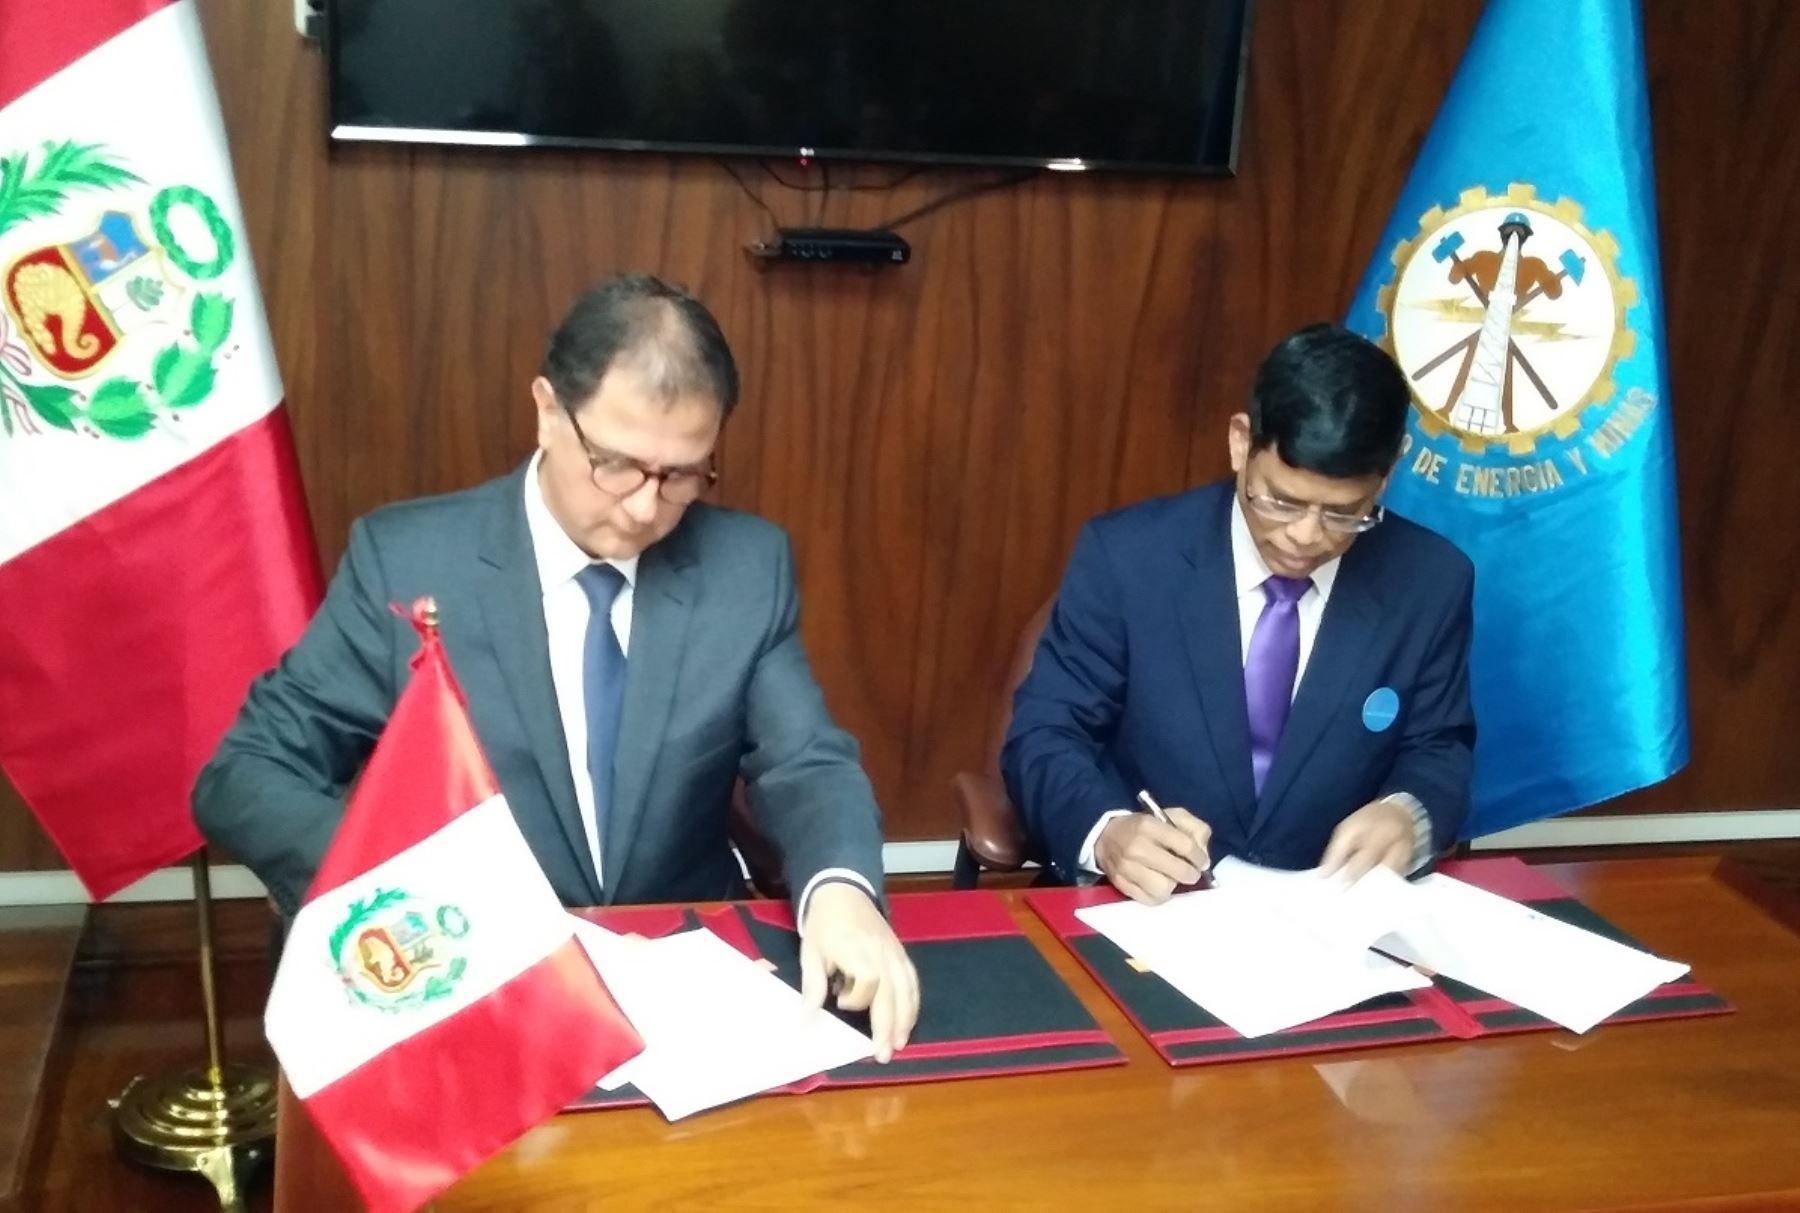 El Ministerio de Energía y Minas y la Alianza Solar Internacional suscriben un acuerdo de cooperación ejecutiva. FOTO: ANDINA